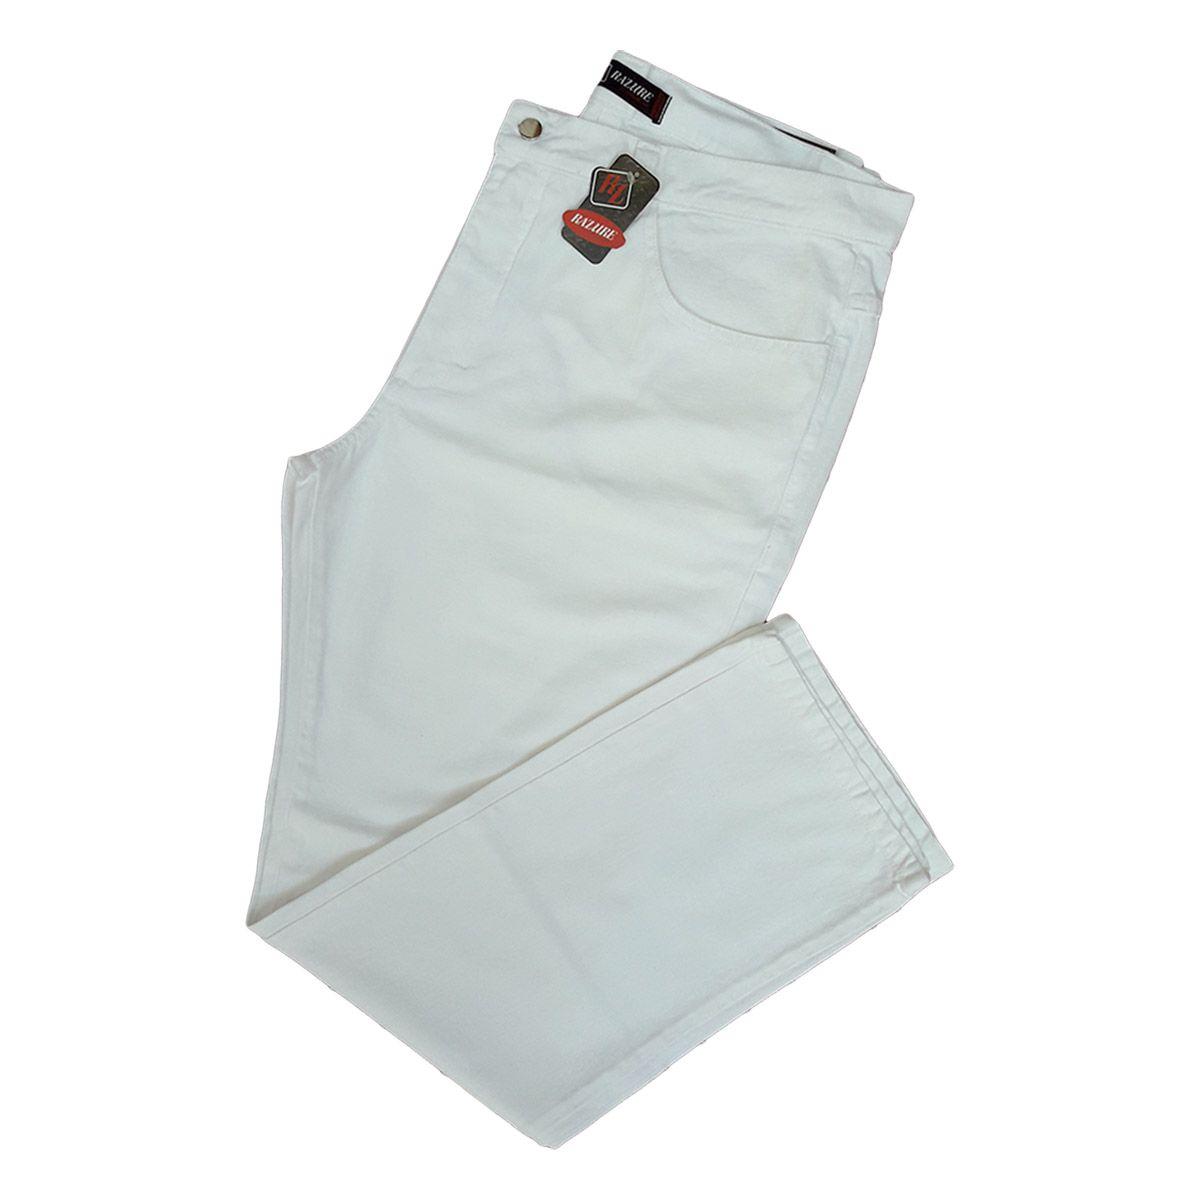 Calça Jeans Masculina Branca - Tamanhos 38 Ao 54